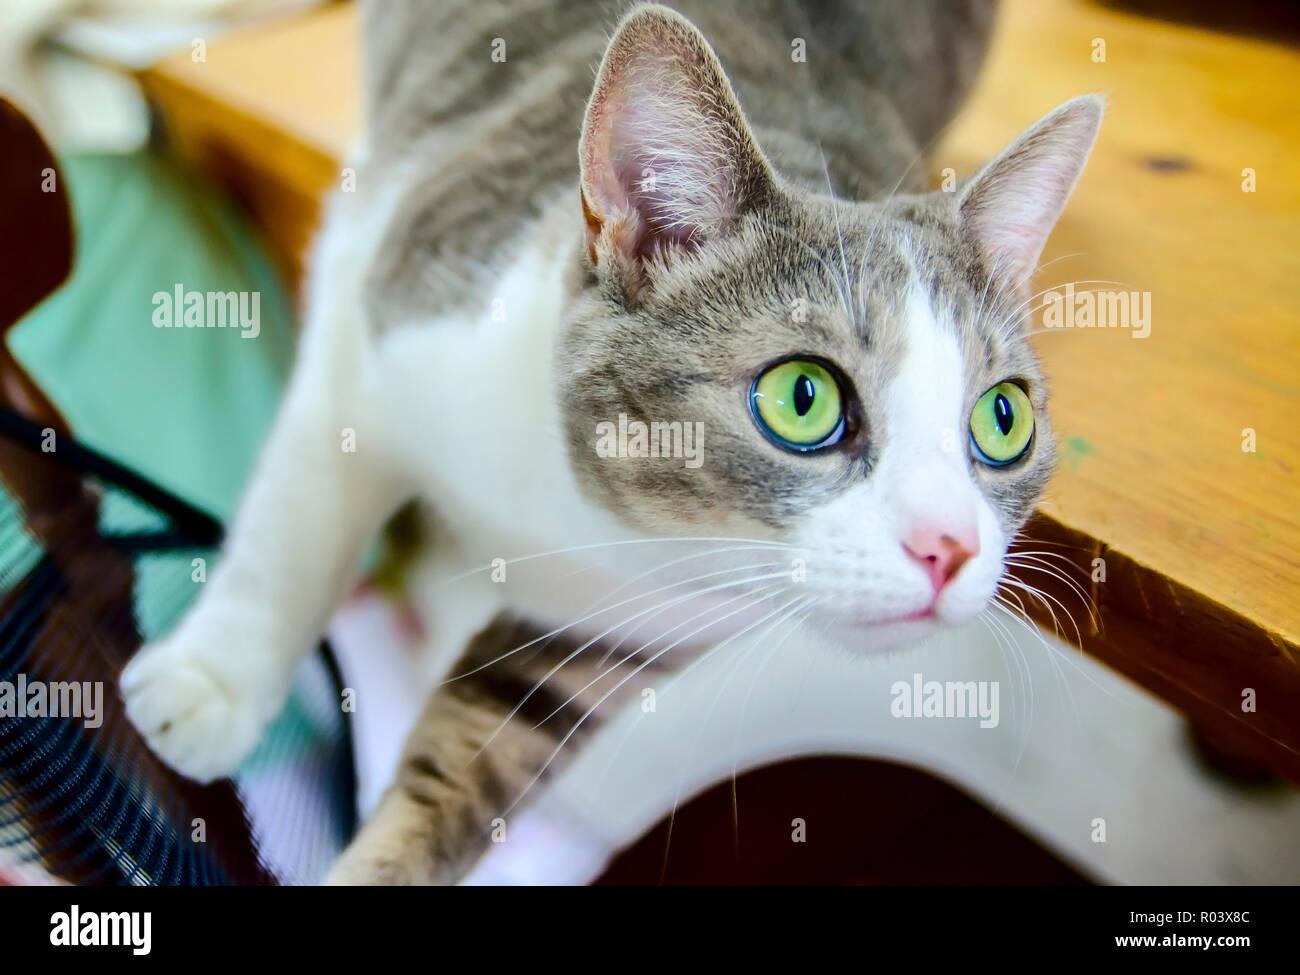 Mailles à l'intérieur, un shorthair tabby cat, supervise un projet de tricot et fils à plus de West Point, Mississippi. Photo Stock